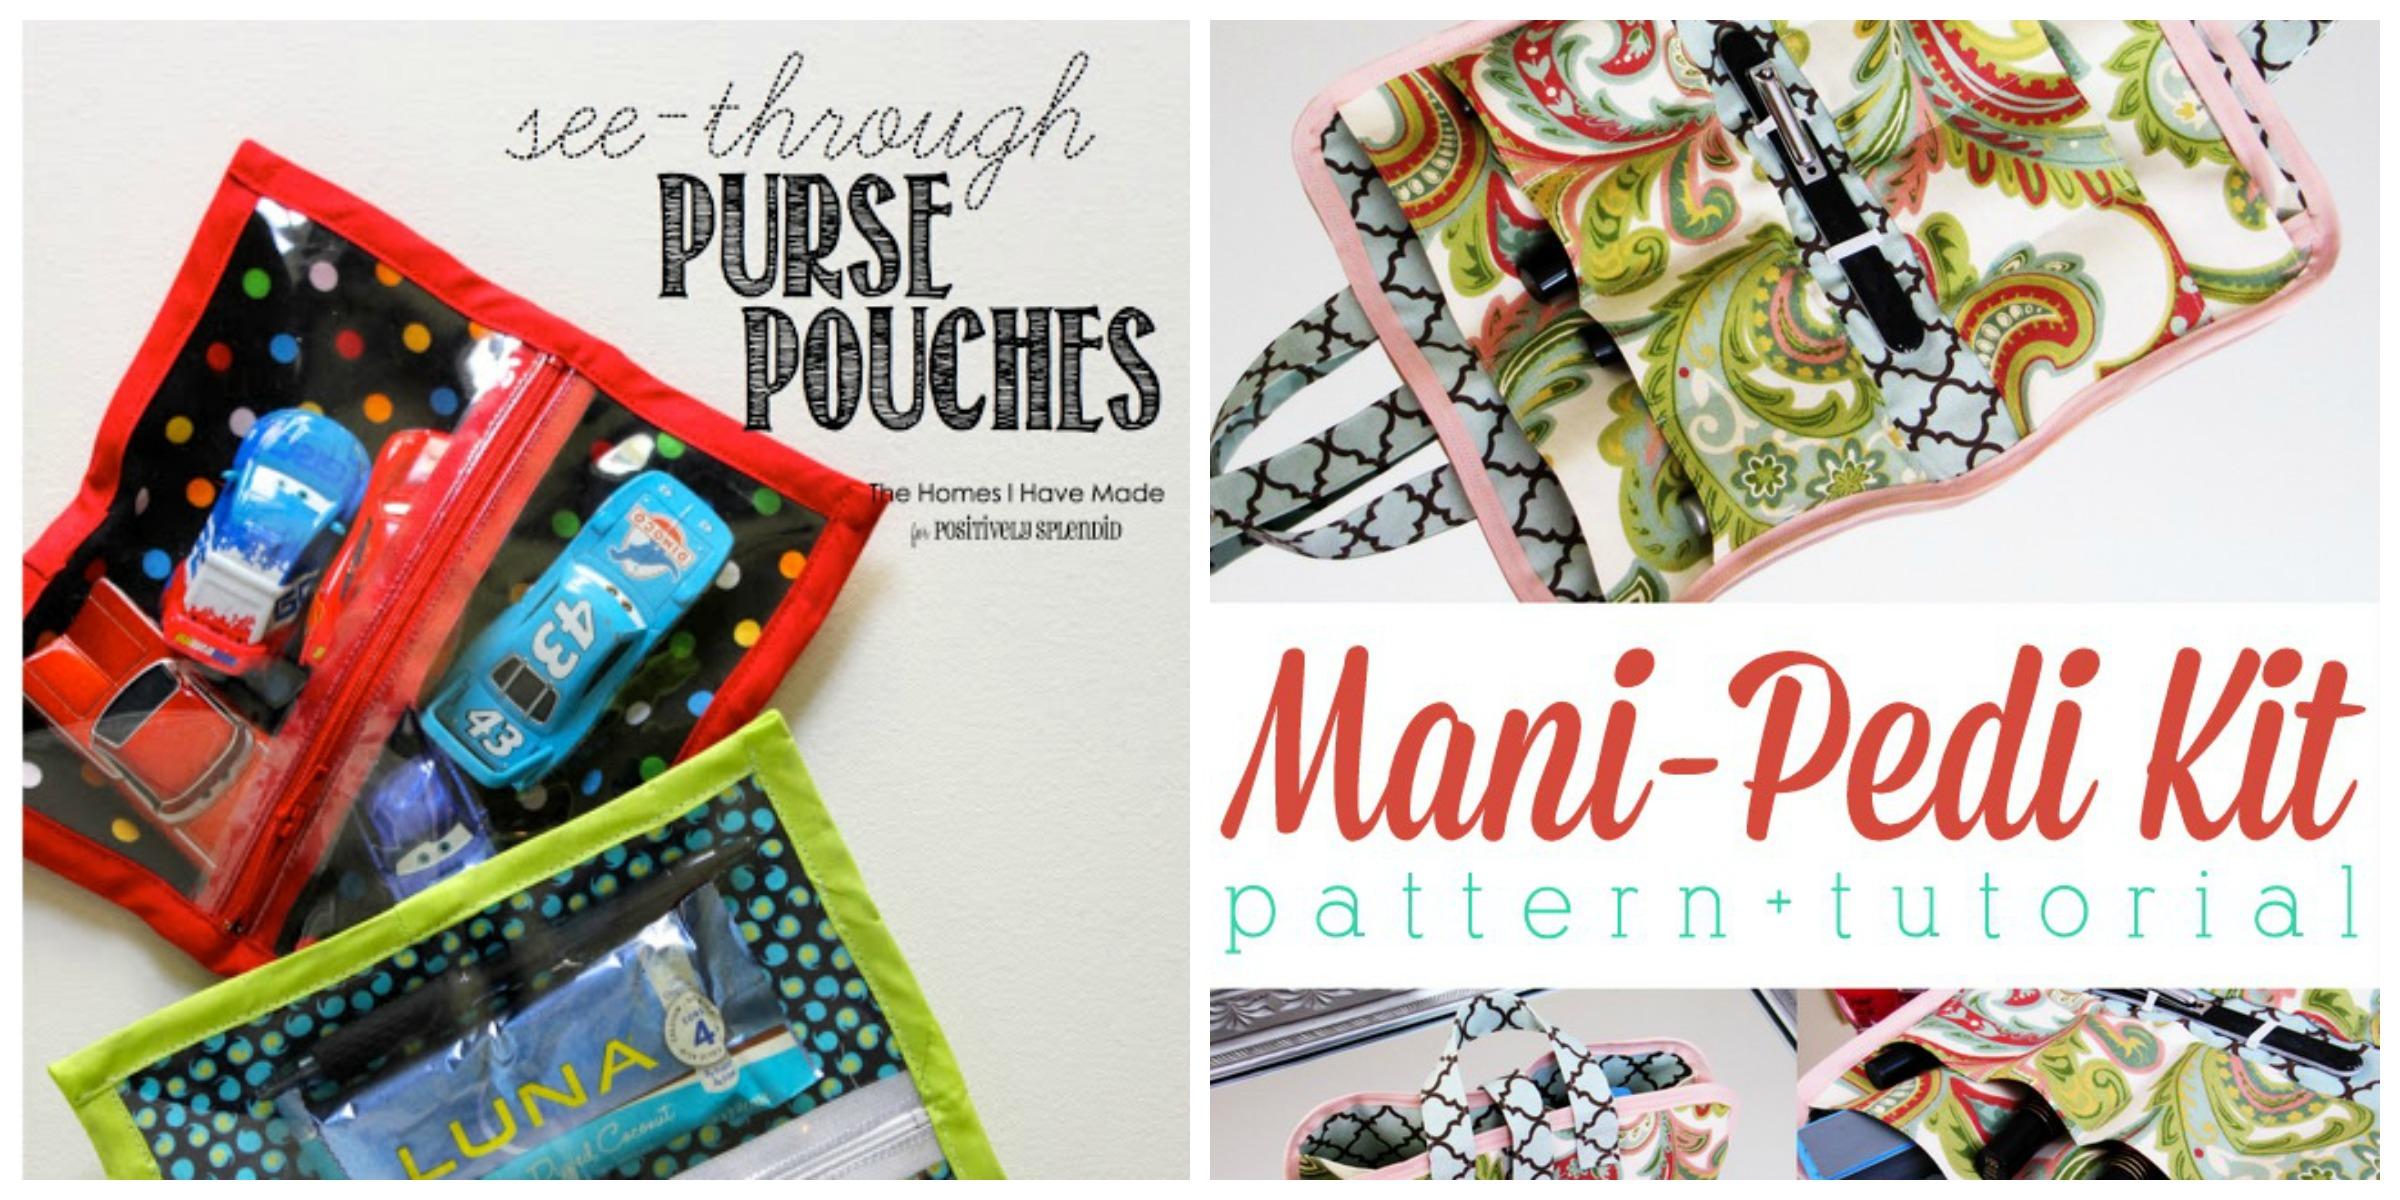 purse pouches